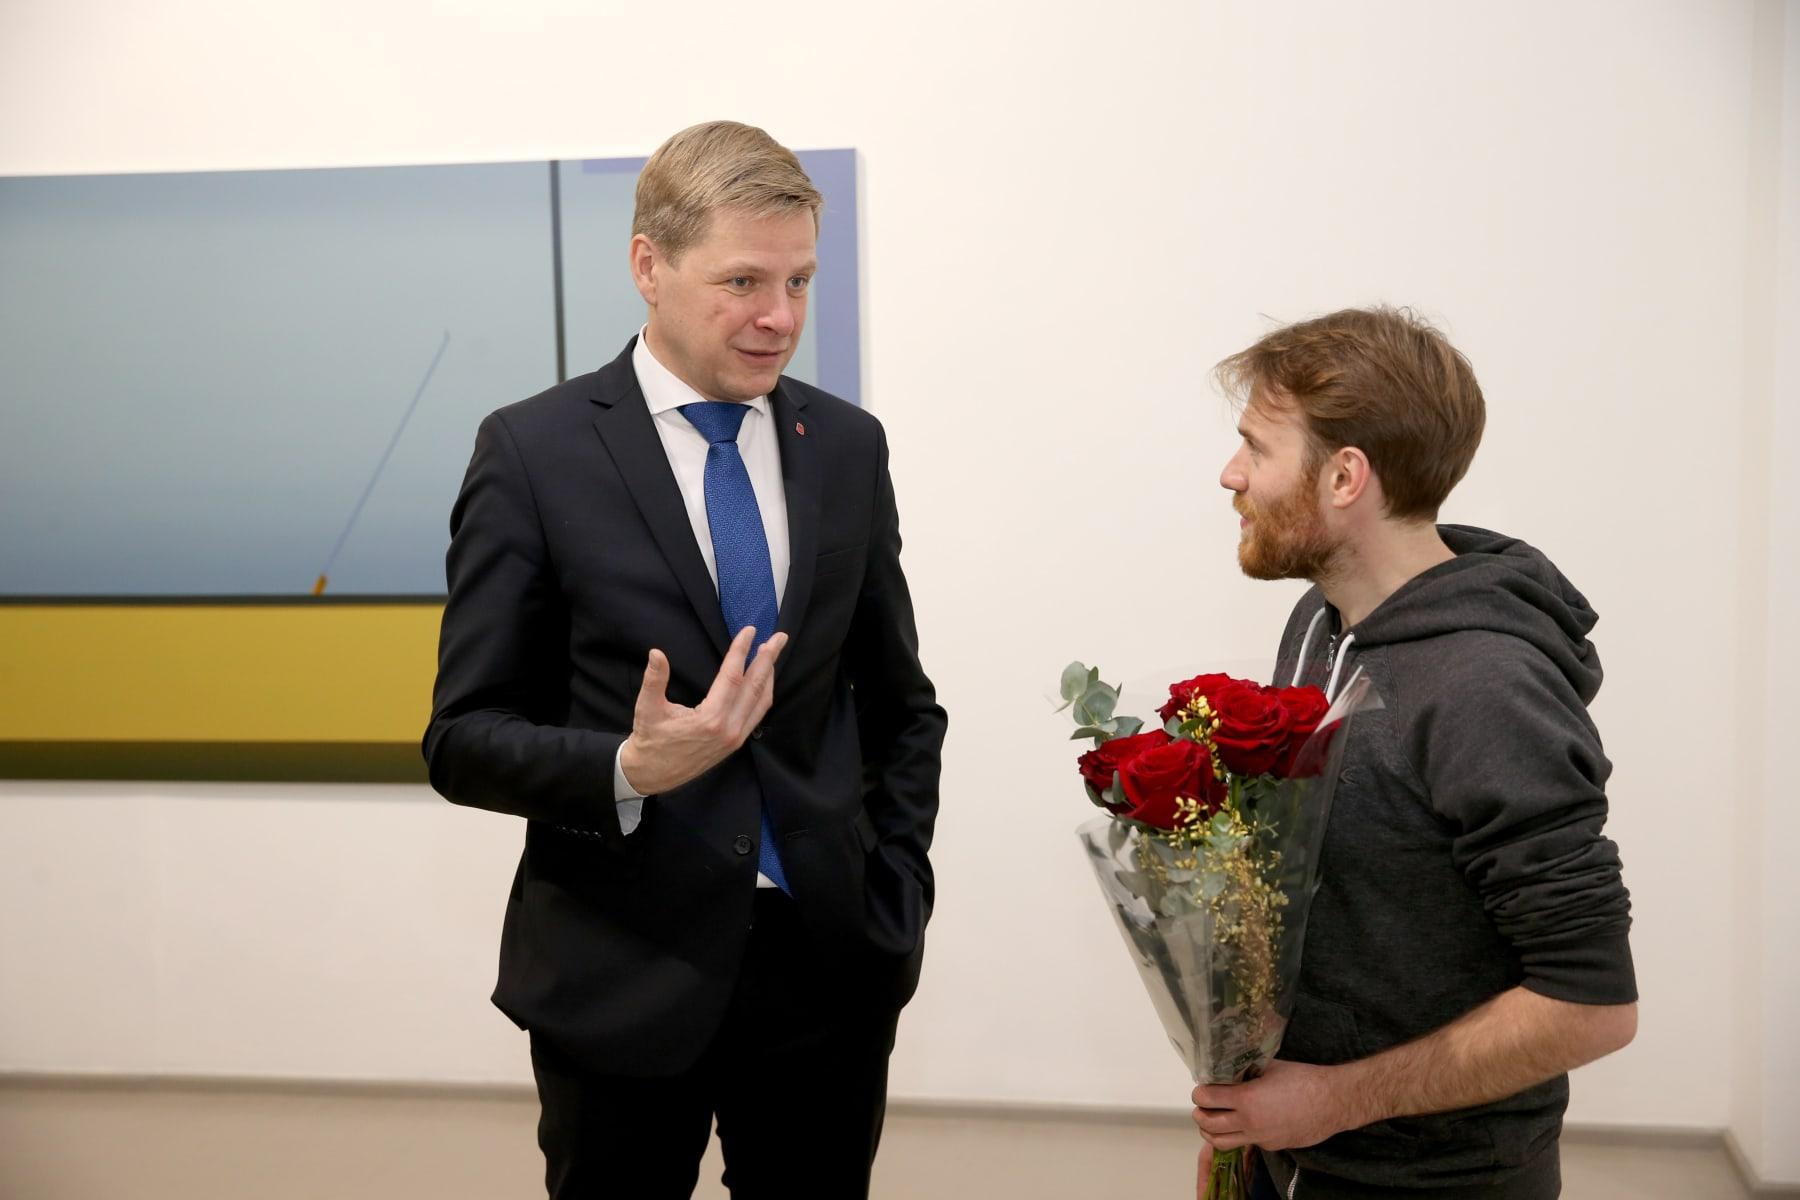 Galerija Vartai, 2019 Linas Jusionis and Mayor of Vilnius Remigijus Šimašius at the opening of Linas's solo exhibition